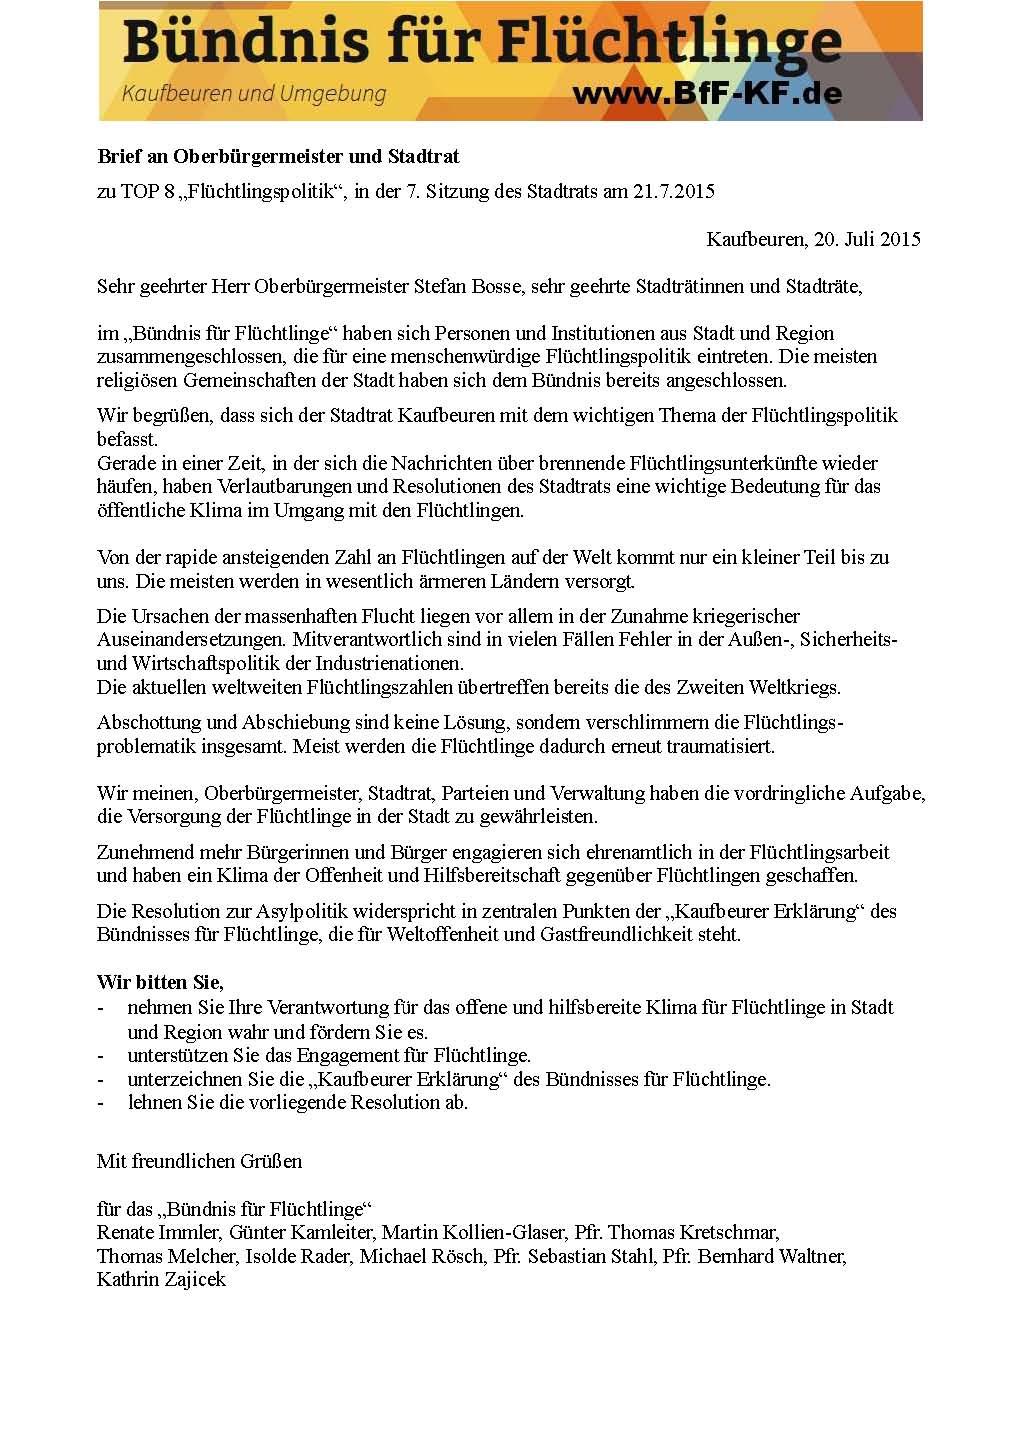 Brief Und Klingelanlagen : Stellungnahme zur entscheidung des stadtrats